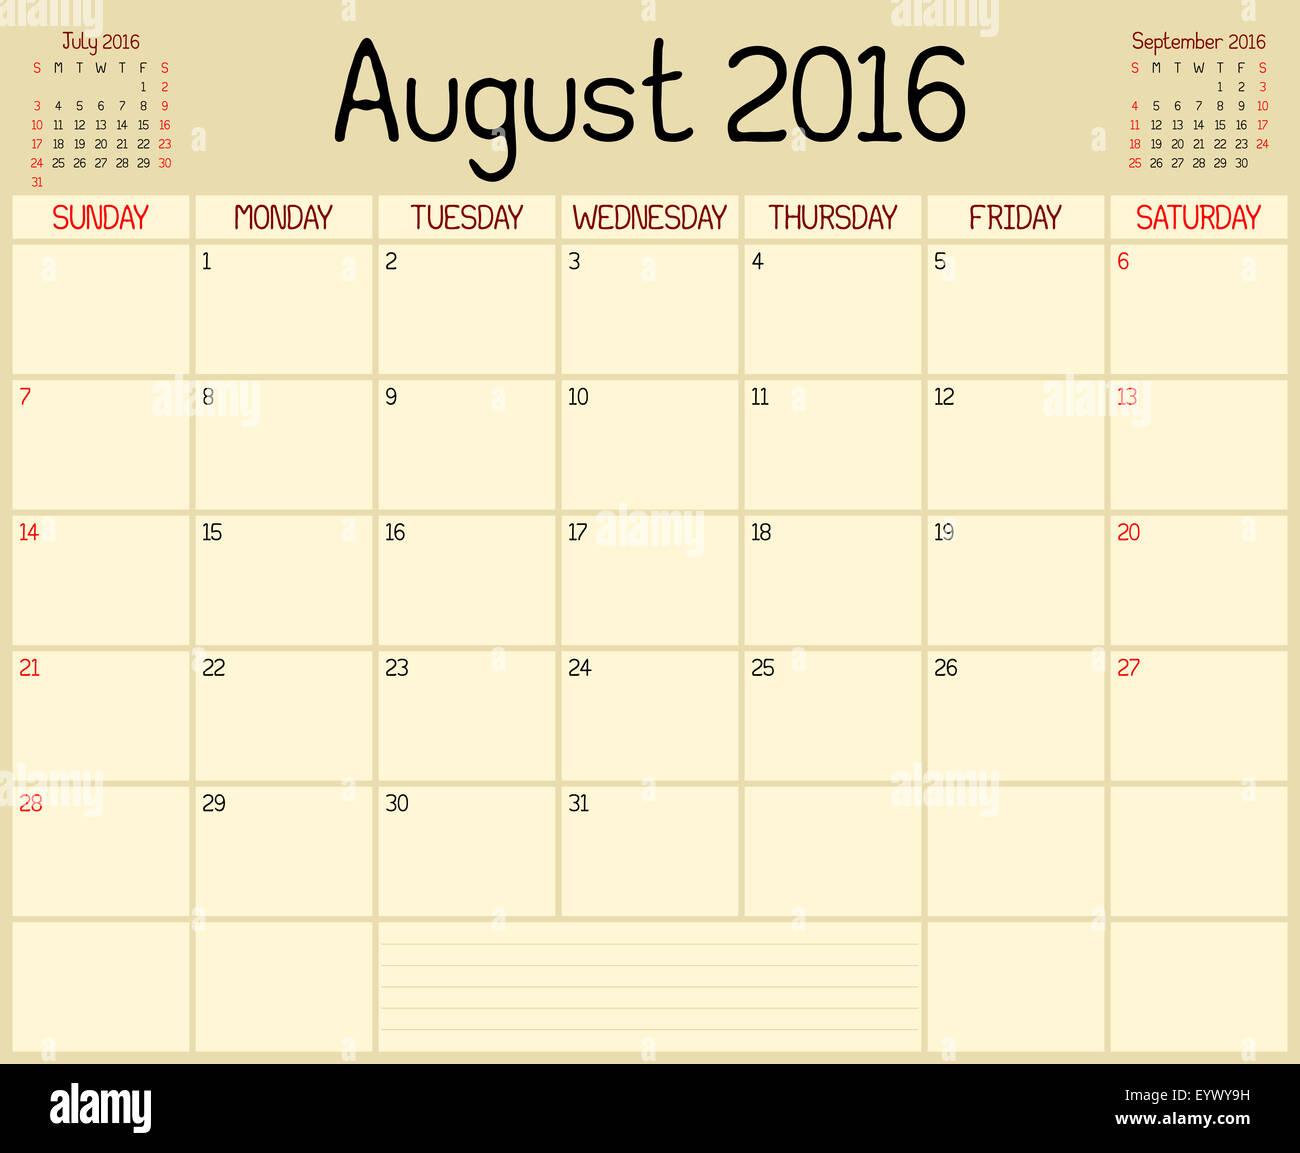 a monthly planner calendar for august 2016 a custom handwritten